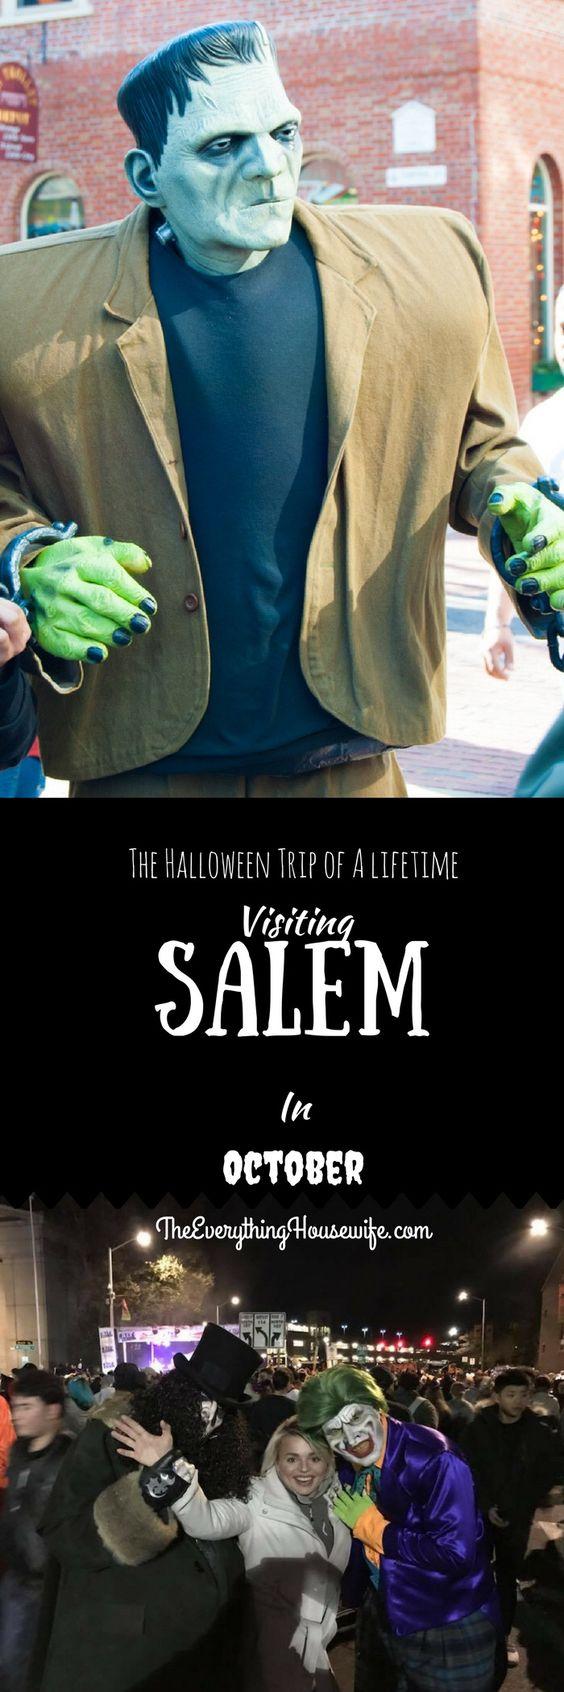 10月份访问塞勒姆去年10月,我丈夫和我一起去旅行团查了我们的清单......